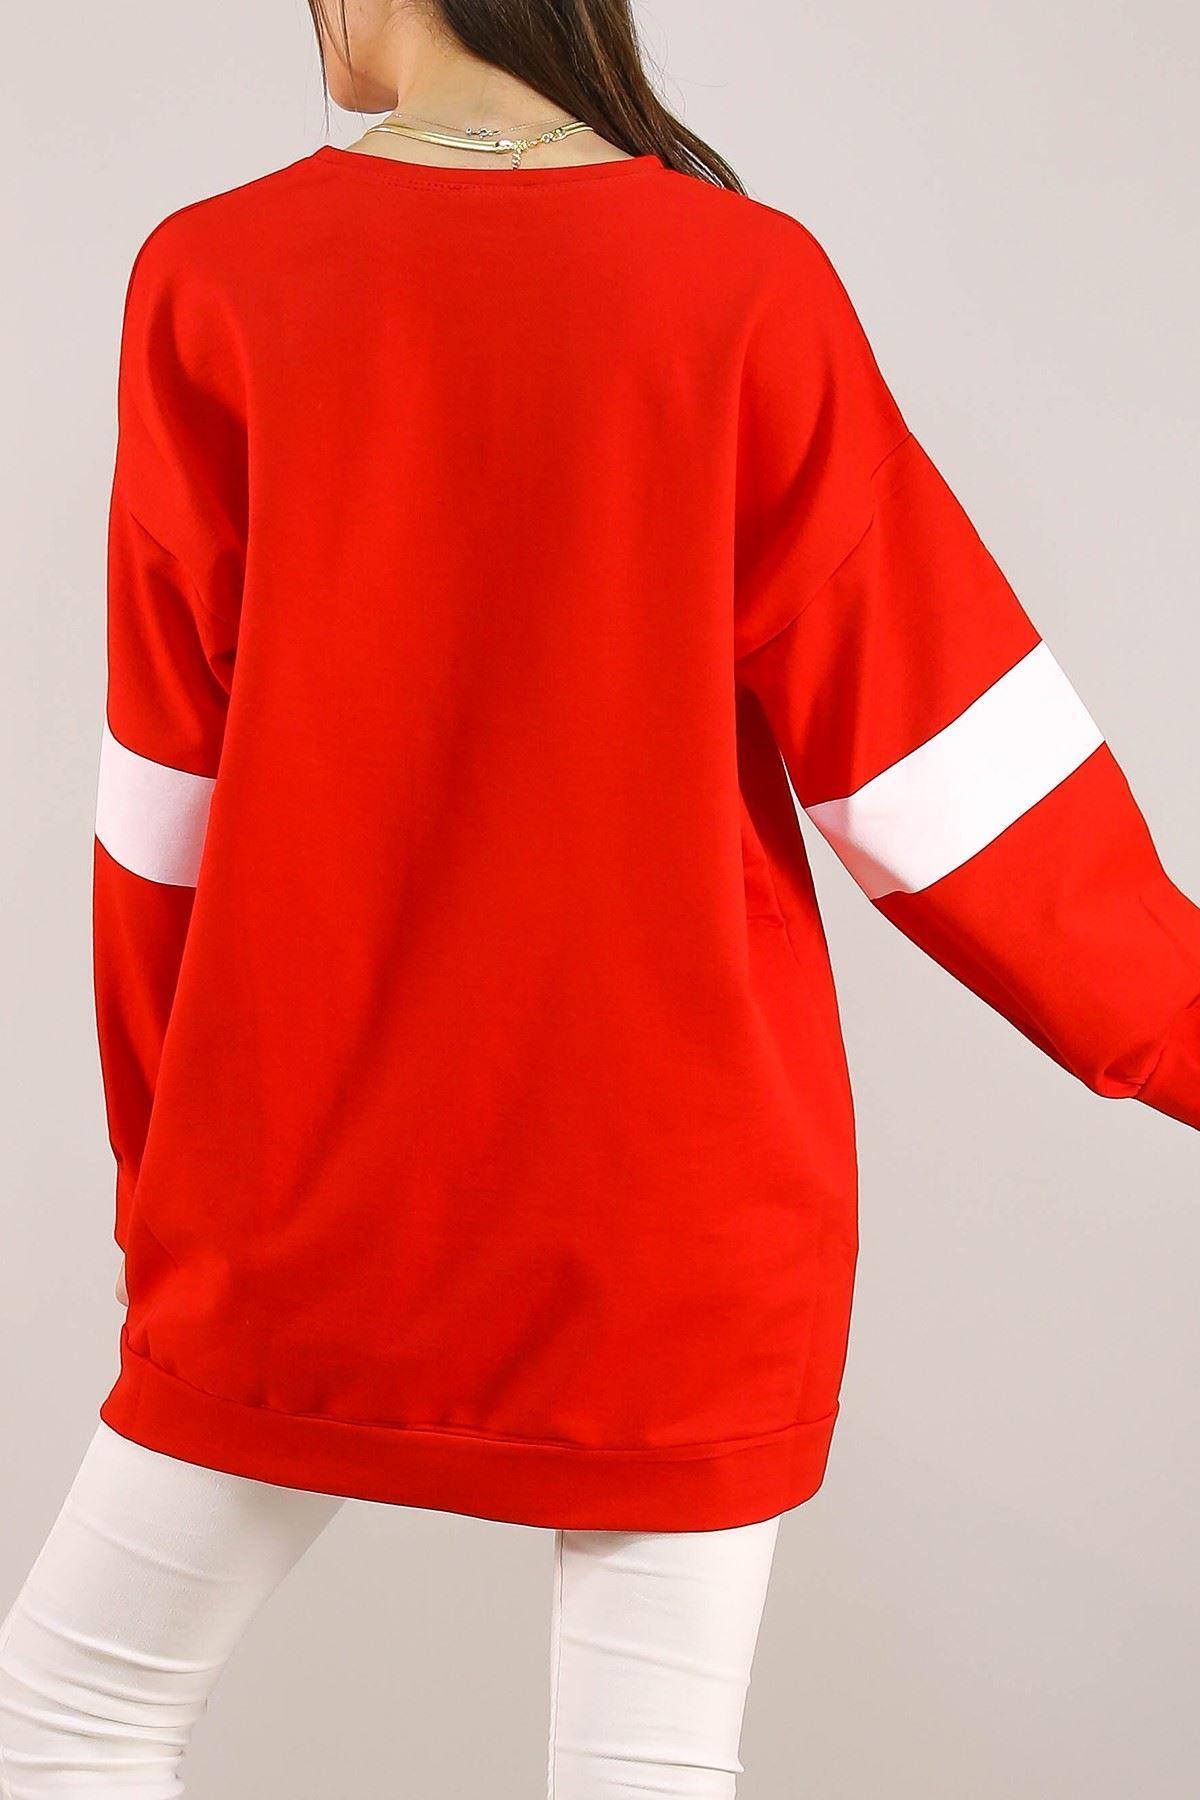 Baskılı Tunik Kırmızı - 3162.105.